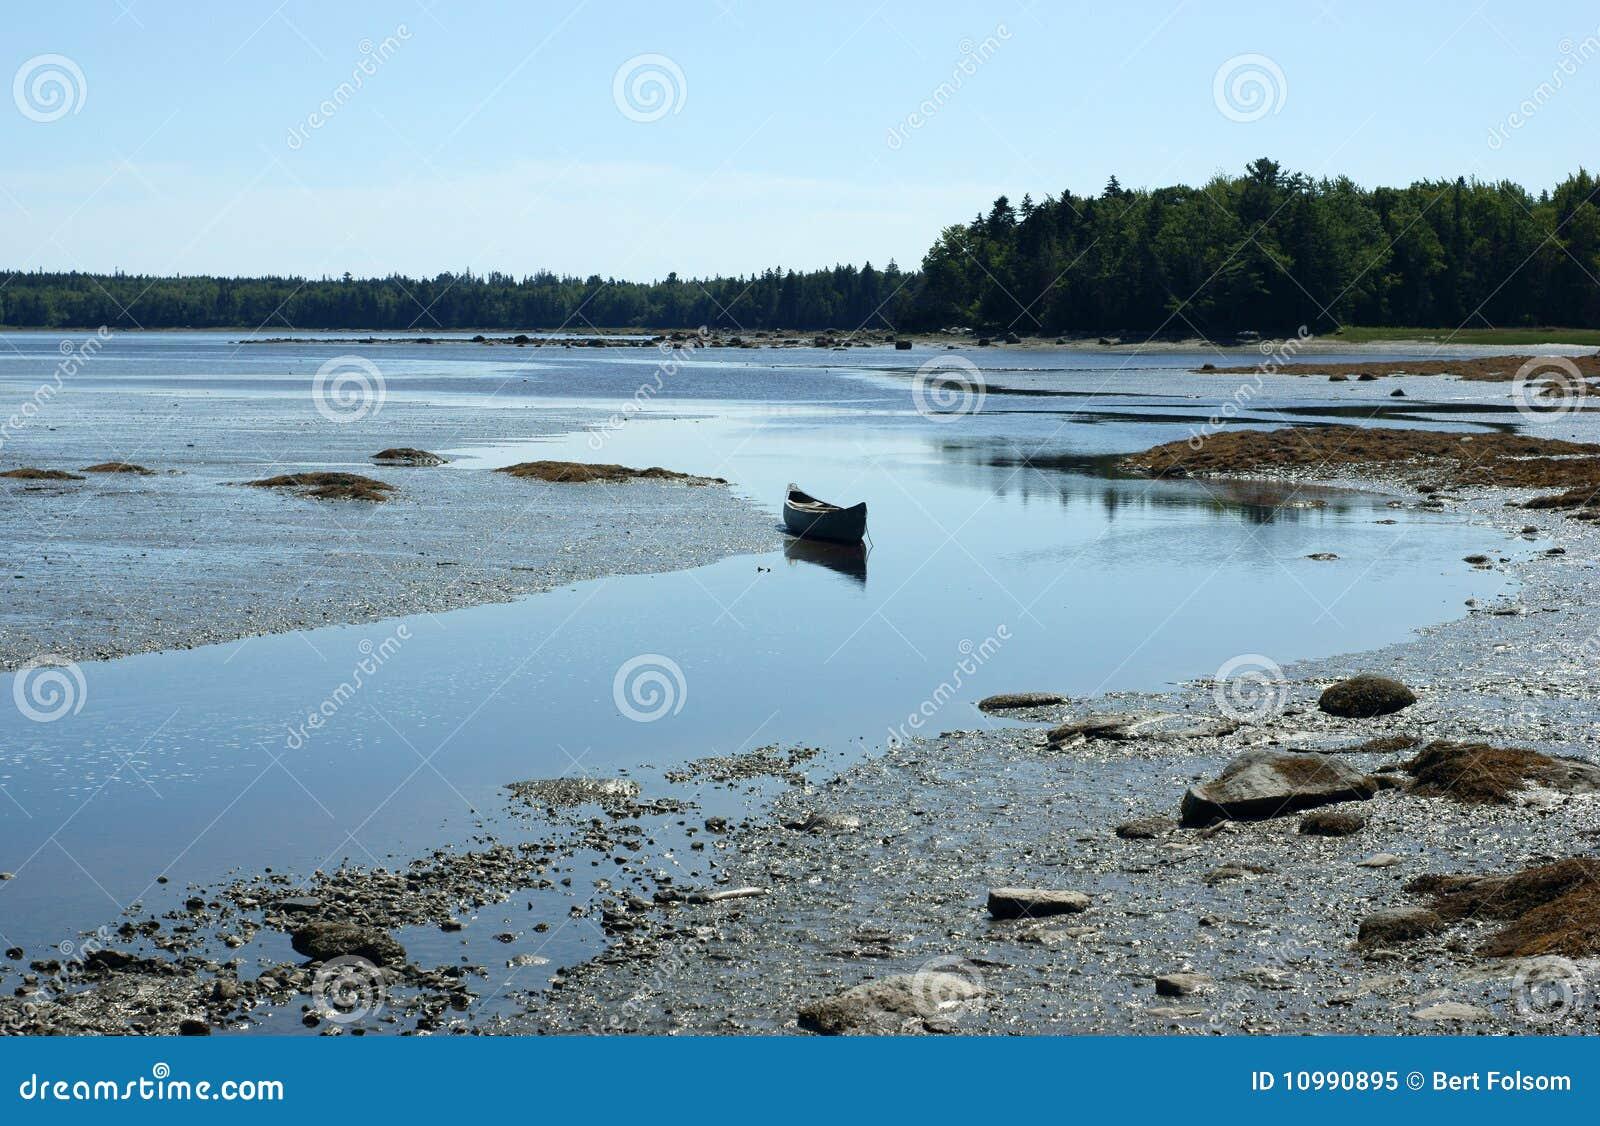 Sich hin- und herbewegendes Kanu nahe Muschelebenen